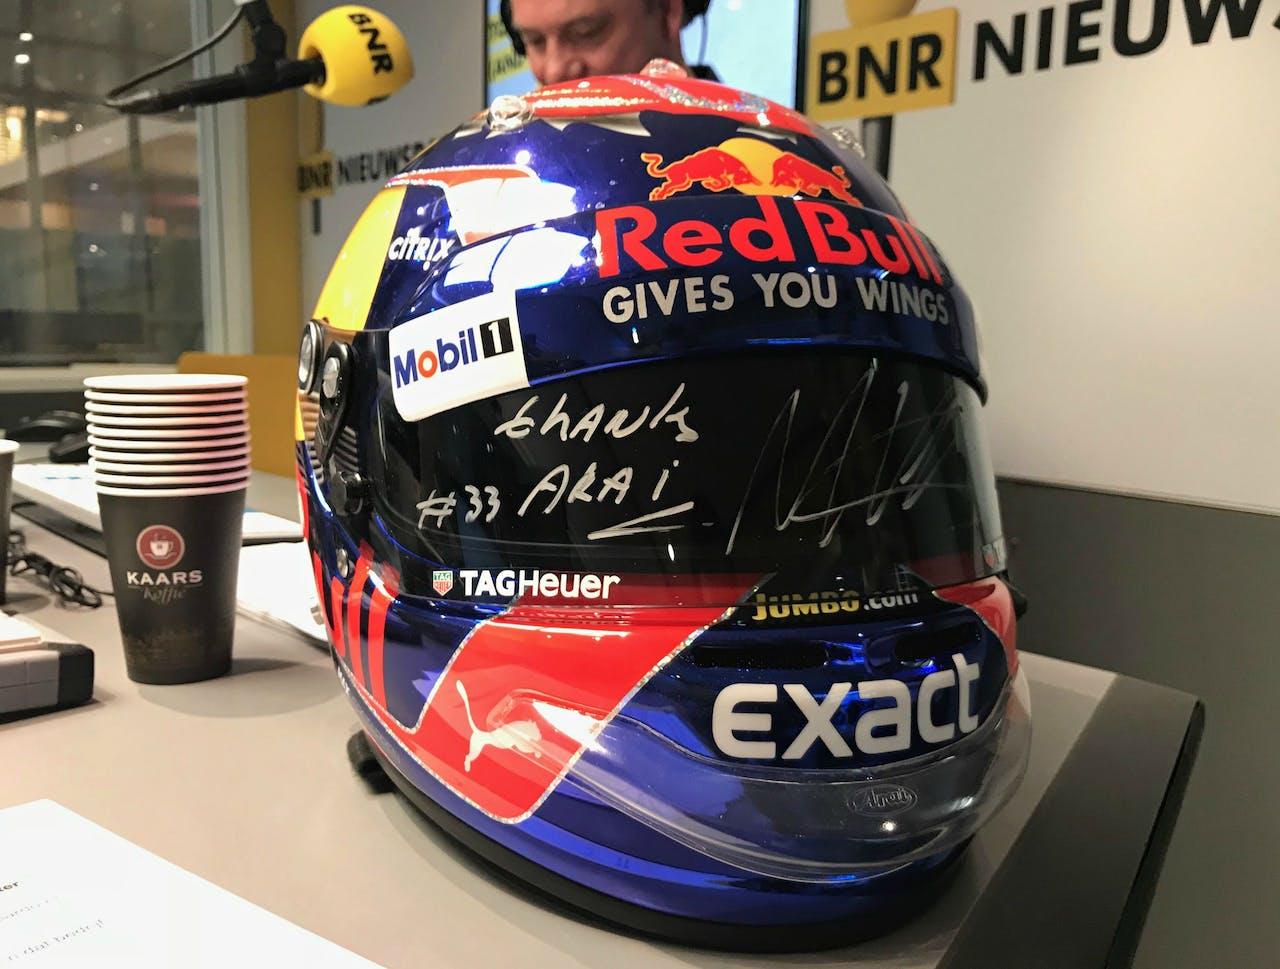 De helm die Max Verstappen in het afgelopen Formule 1-seizoen droeg tijdens de GP van Japan